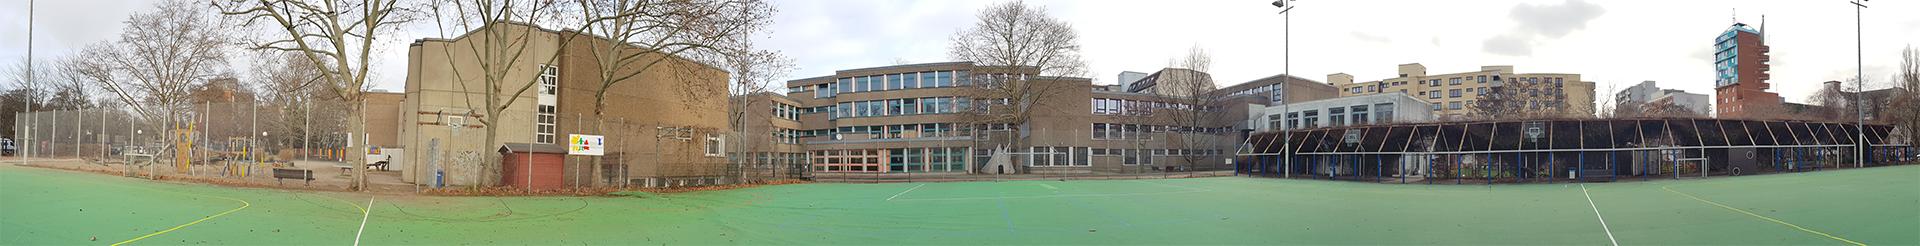 Kurt Schumacher Grundschule Berlin als Panorama.